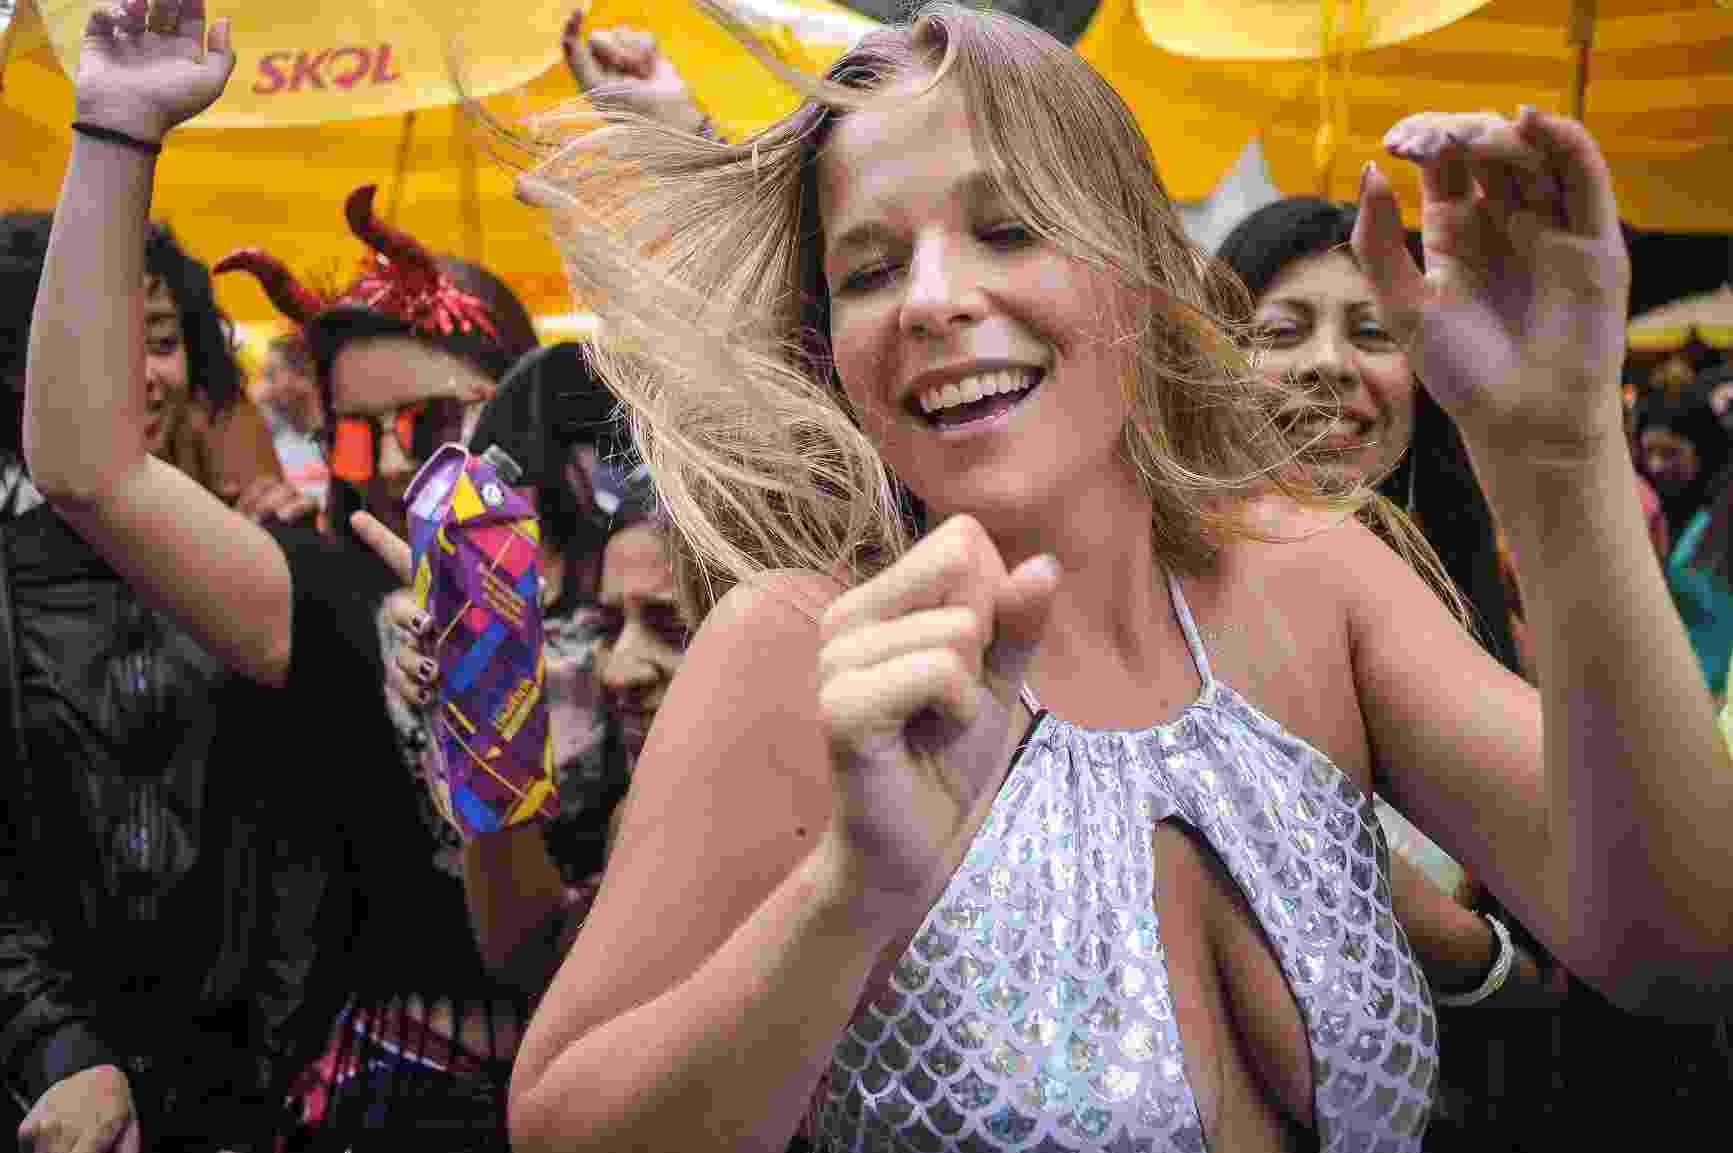 Bloco SP Beats, de música eletrônica, agitou a Praça da República, em São Paulo, na terça-feira de Carnaval - Reinaldo Canato/UOL